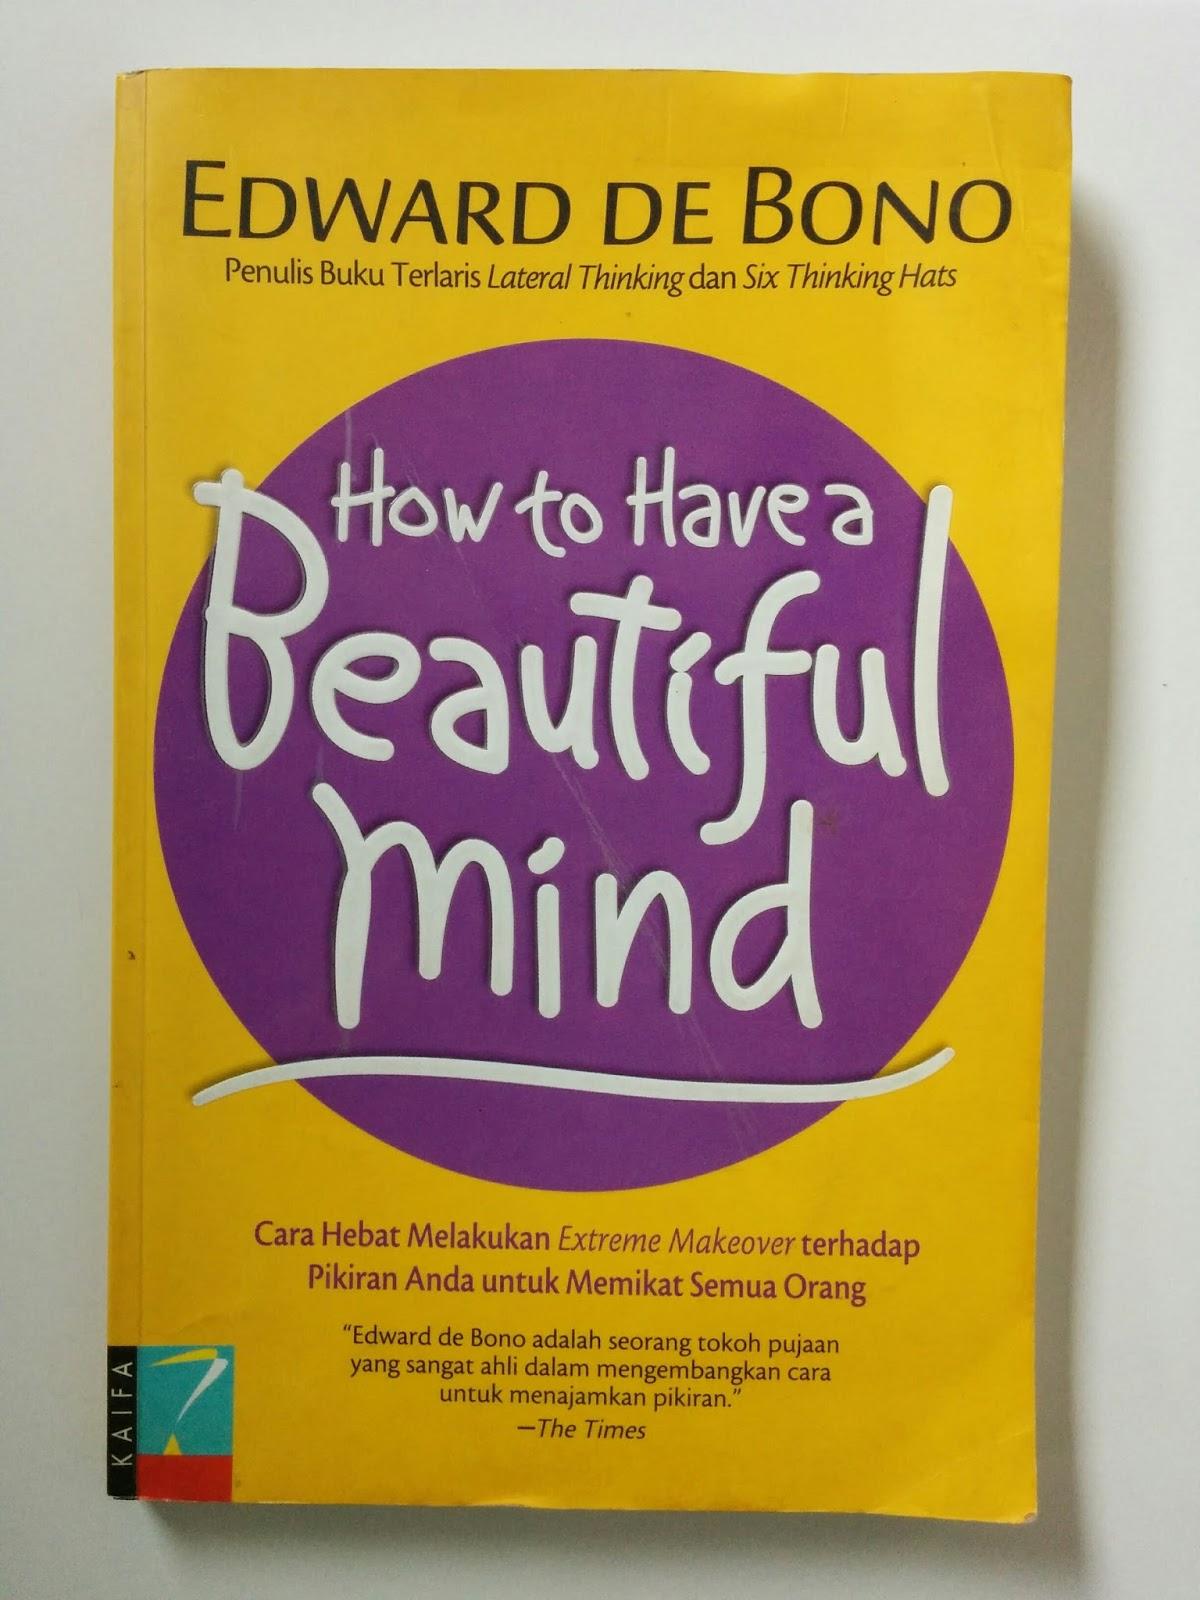 Buku Karya Edward de Bono